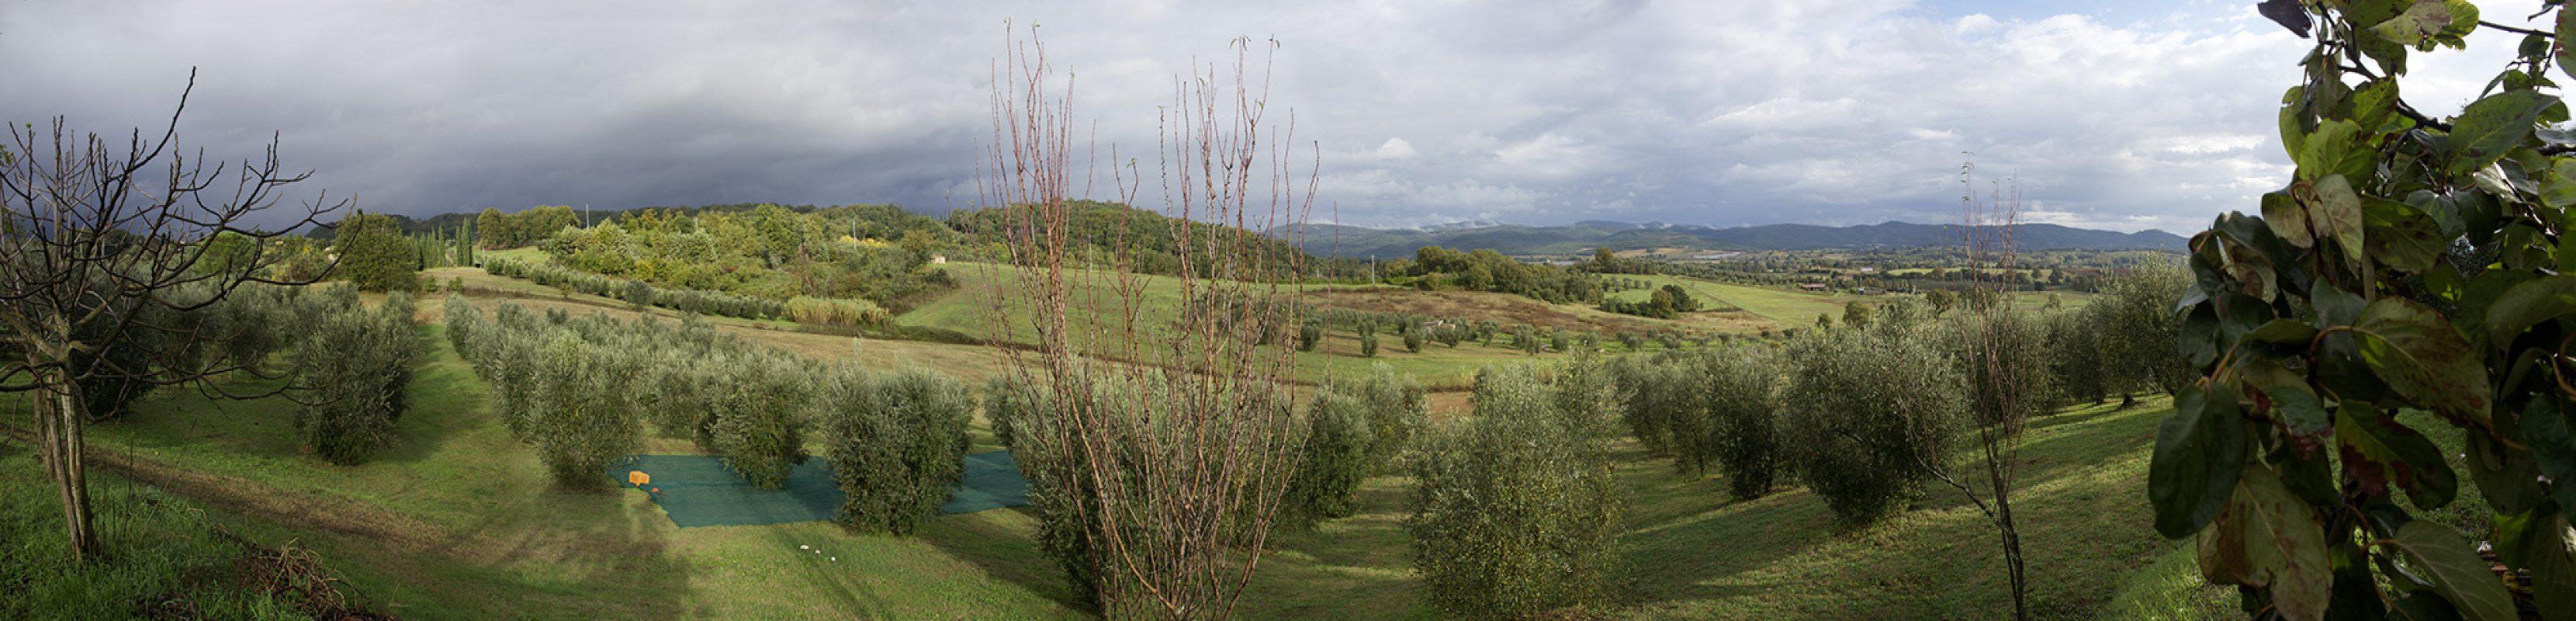 Toskana, Olivenernte, Landschaft, Panorama